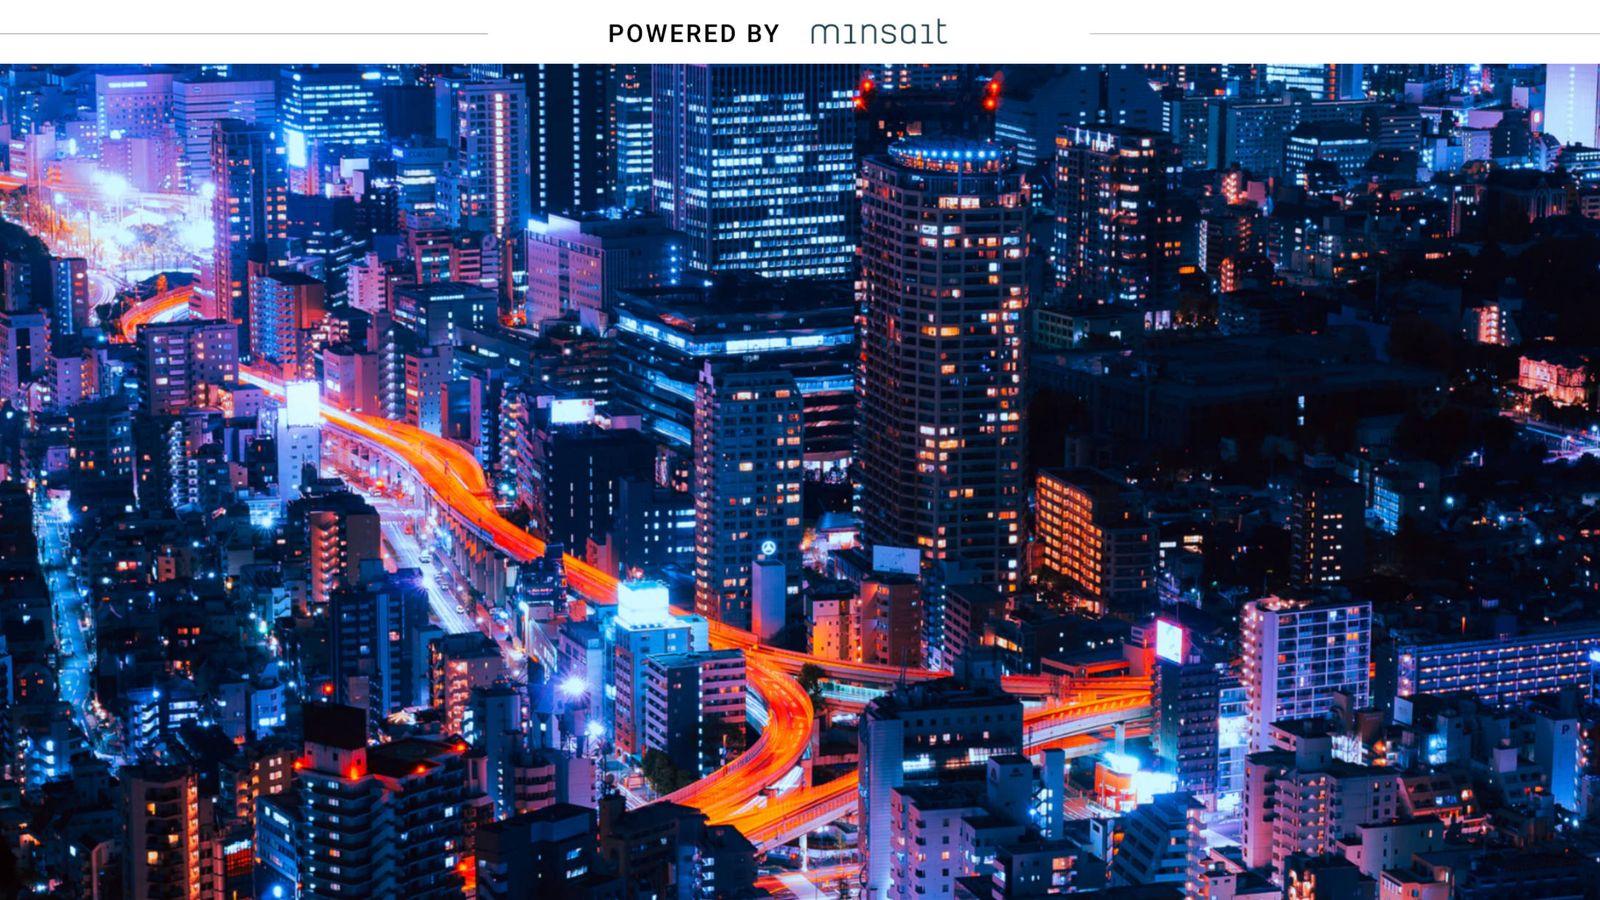 La tecnología de smart cities y movilidad que ayuda a 500 millones de personas